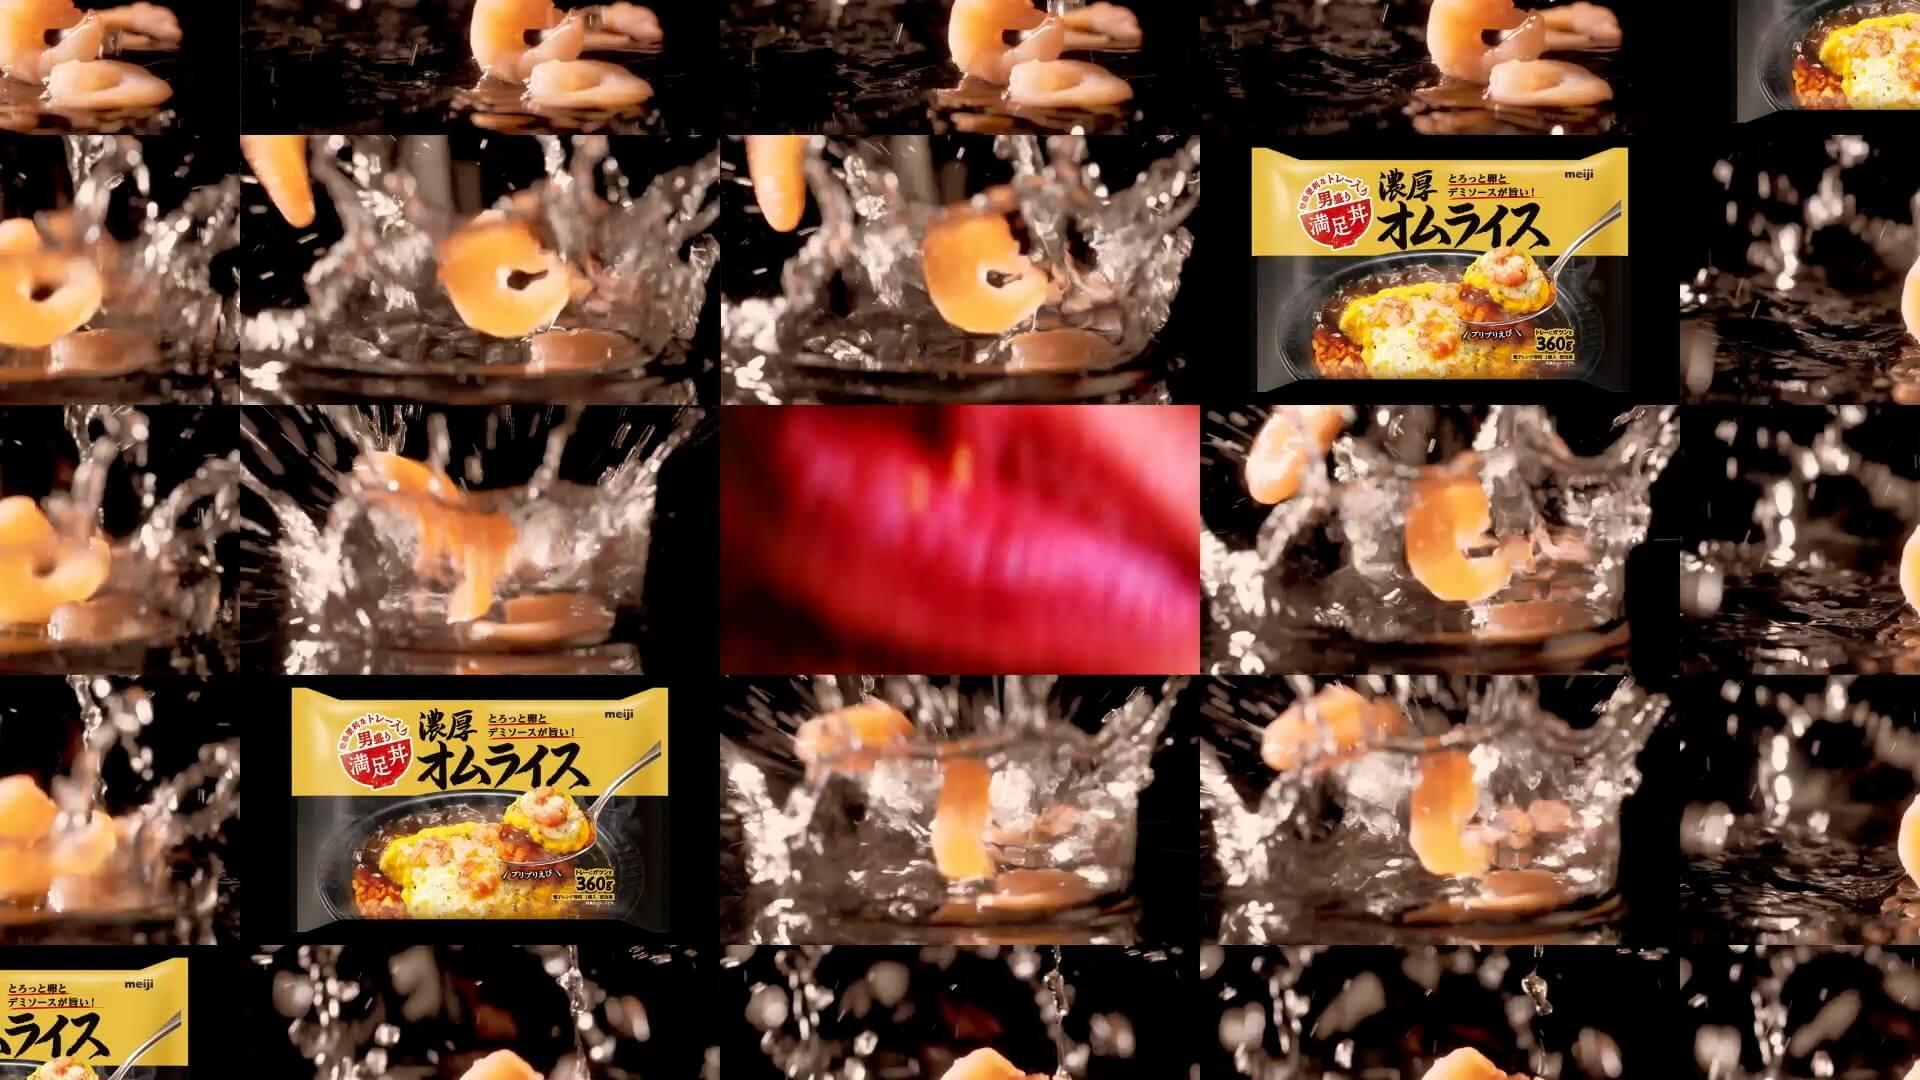 誇張した食レポ、エビのモノマネ…ハリウッドザコシショウの姿に思わず二度見してしまう「満足丼」WEBCM4本が公開 gourmet190917_manzokudon_19